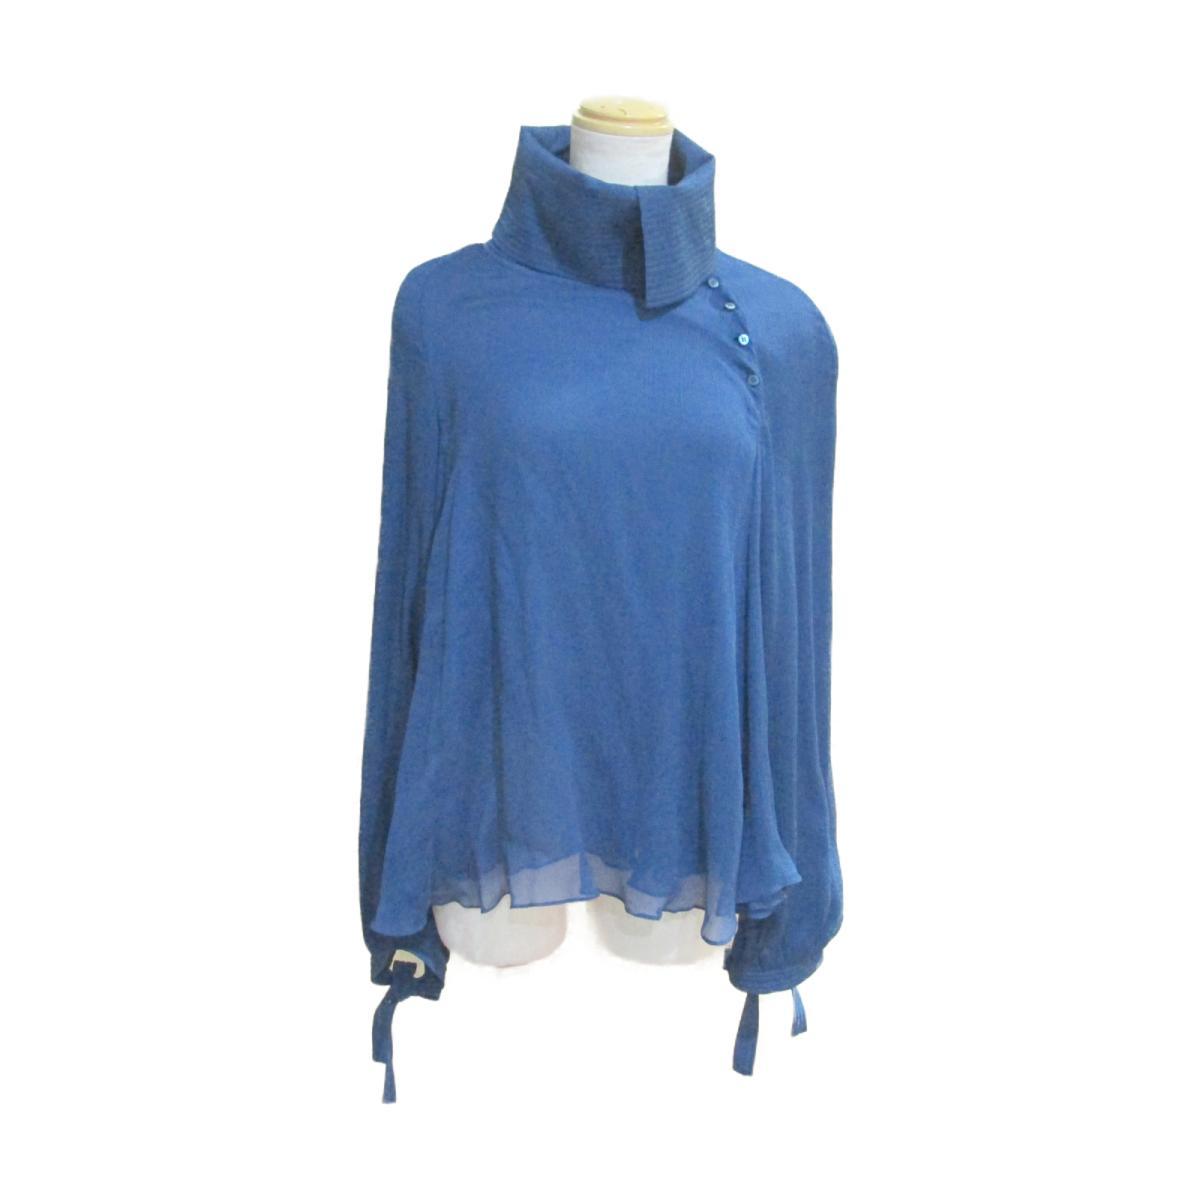 【中古】 セリーヌ ブラウス レディース シルク100% ブルー | CELINE BRANDOFF ブランドオフ 衣料品 衣類 ブランド トップス シャツ